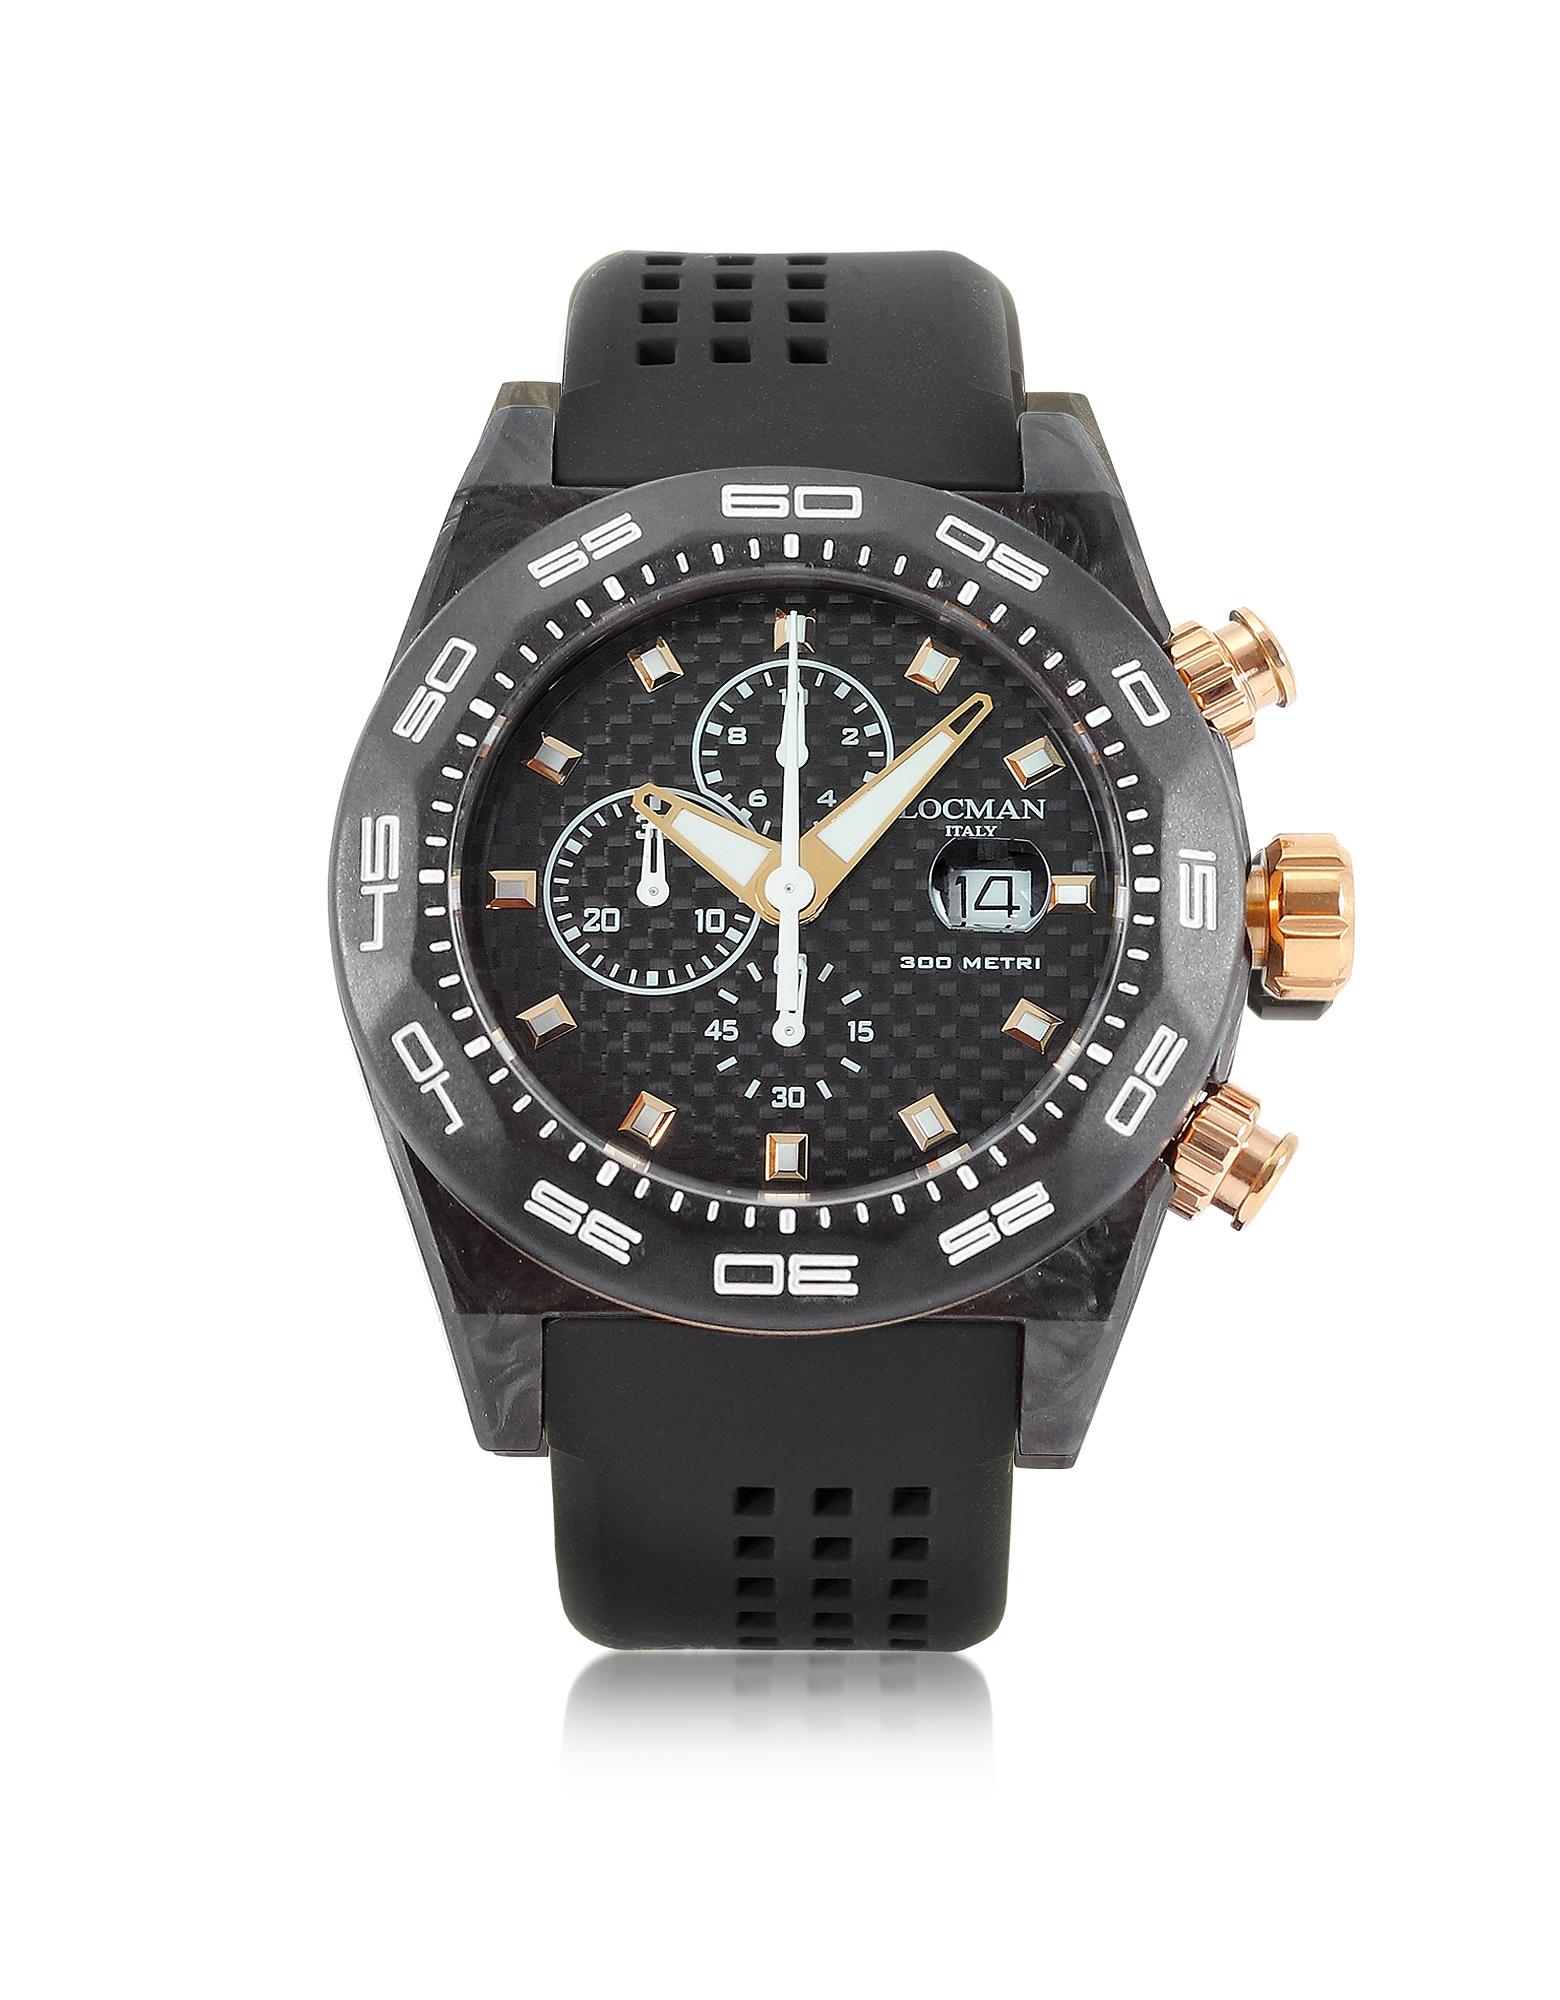 Фото Stealth 300mt - Черные Мужские Часы Хронограф из Углеродного Волокна и Титана с Кварцевым Механизмом. Купить с доставкой